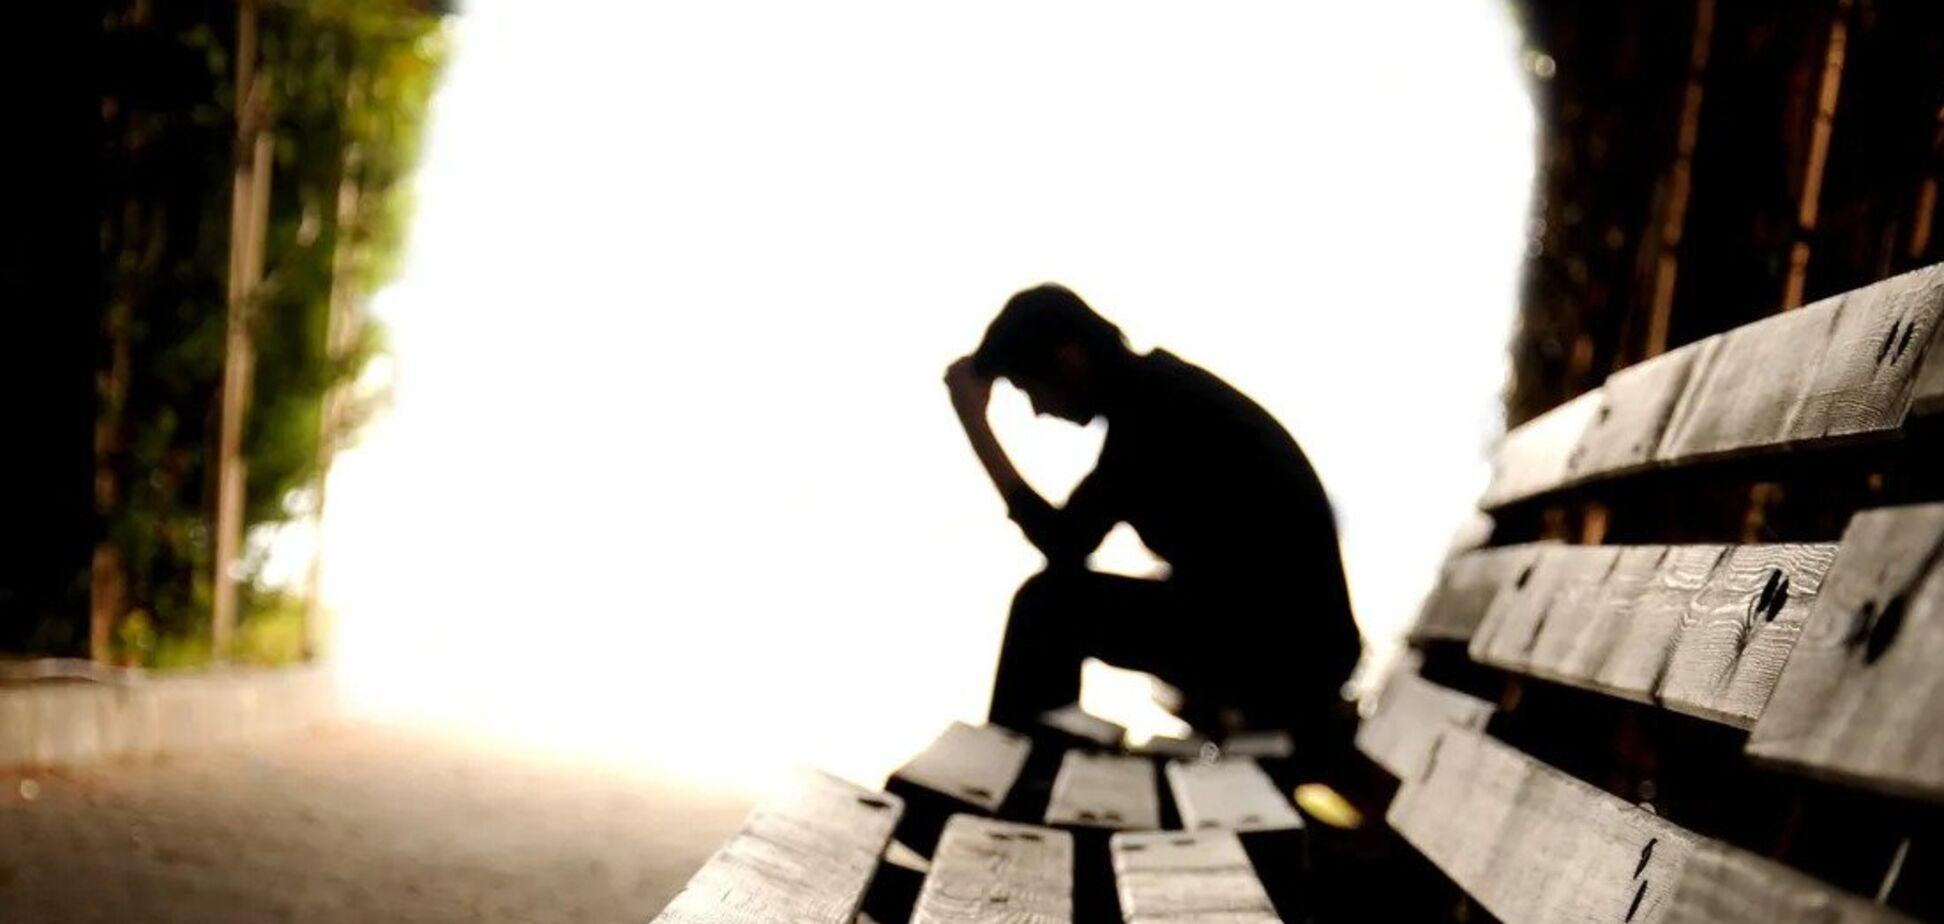 У Харкові поліцейські врятували чоловіка від спроби самогубства